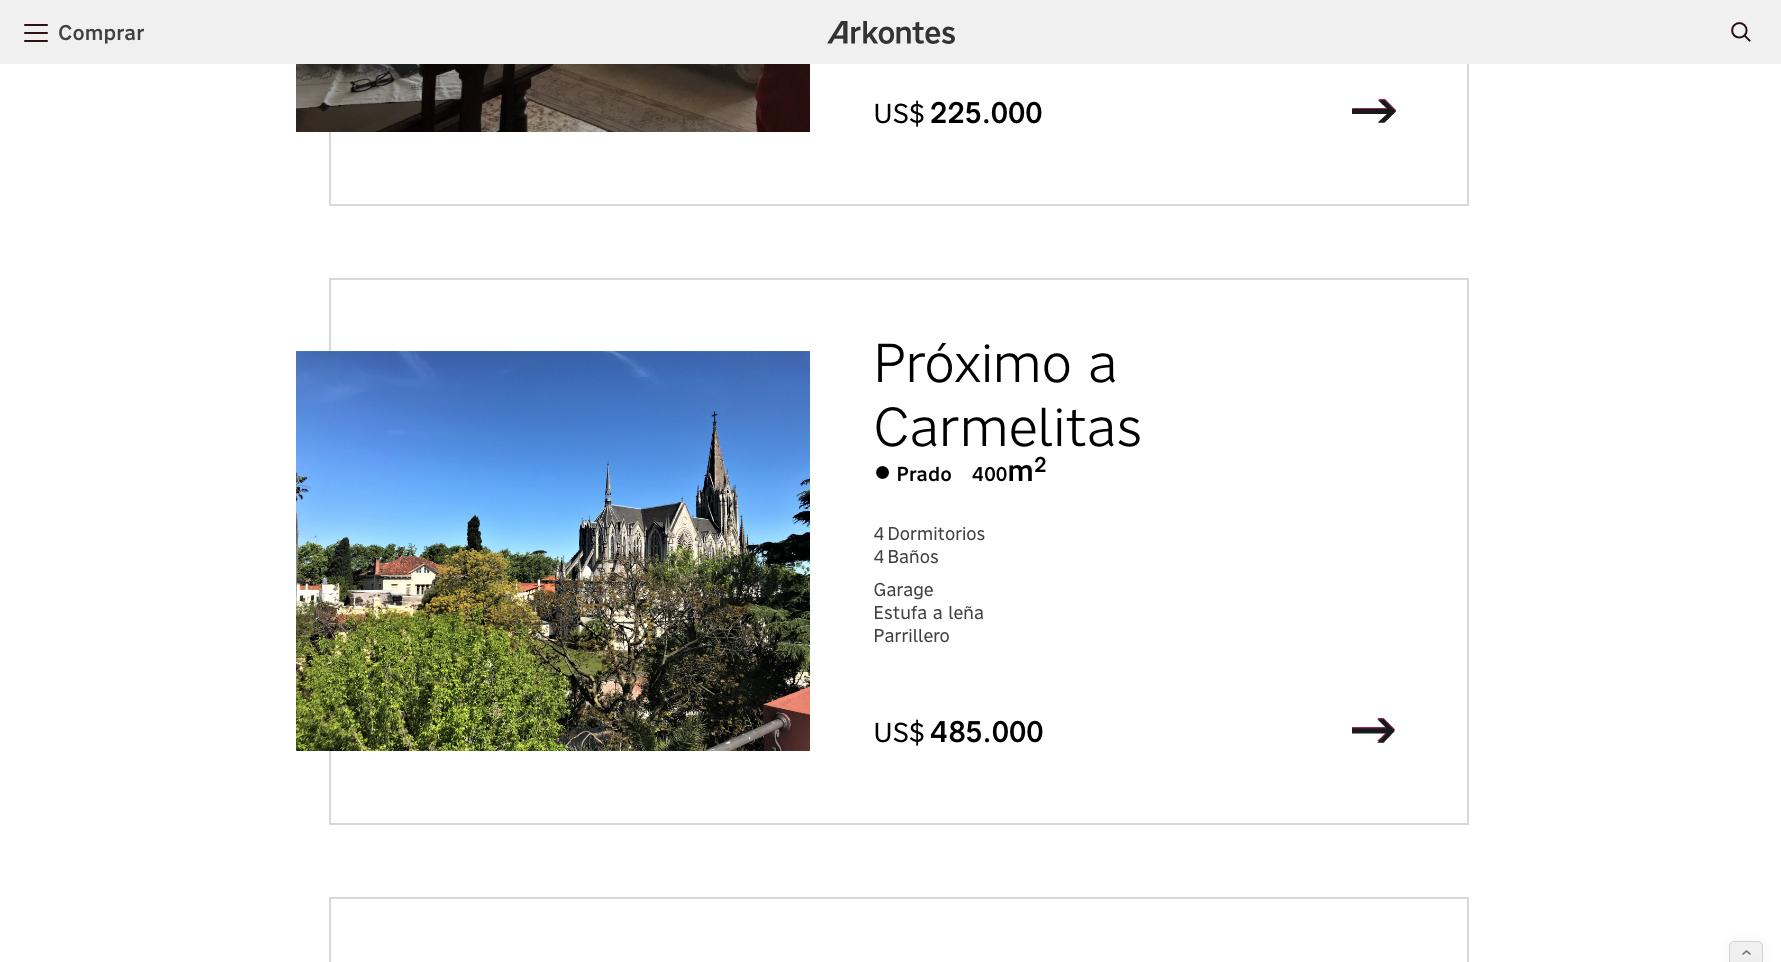 Arkontes Pagina Web - Arkontes webpage